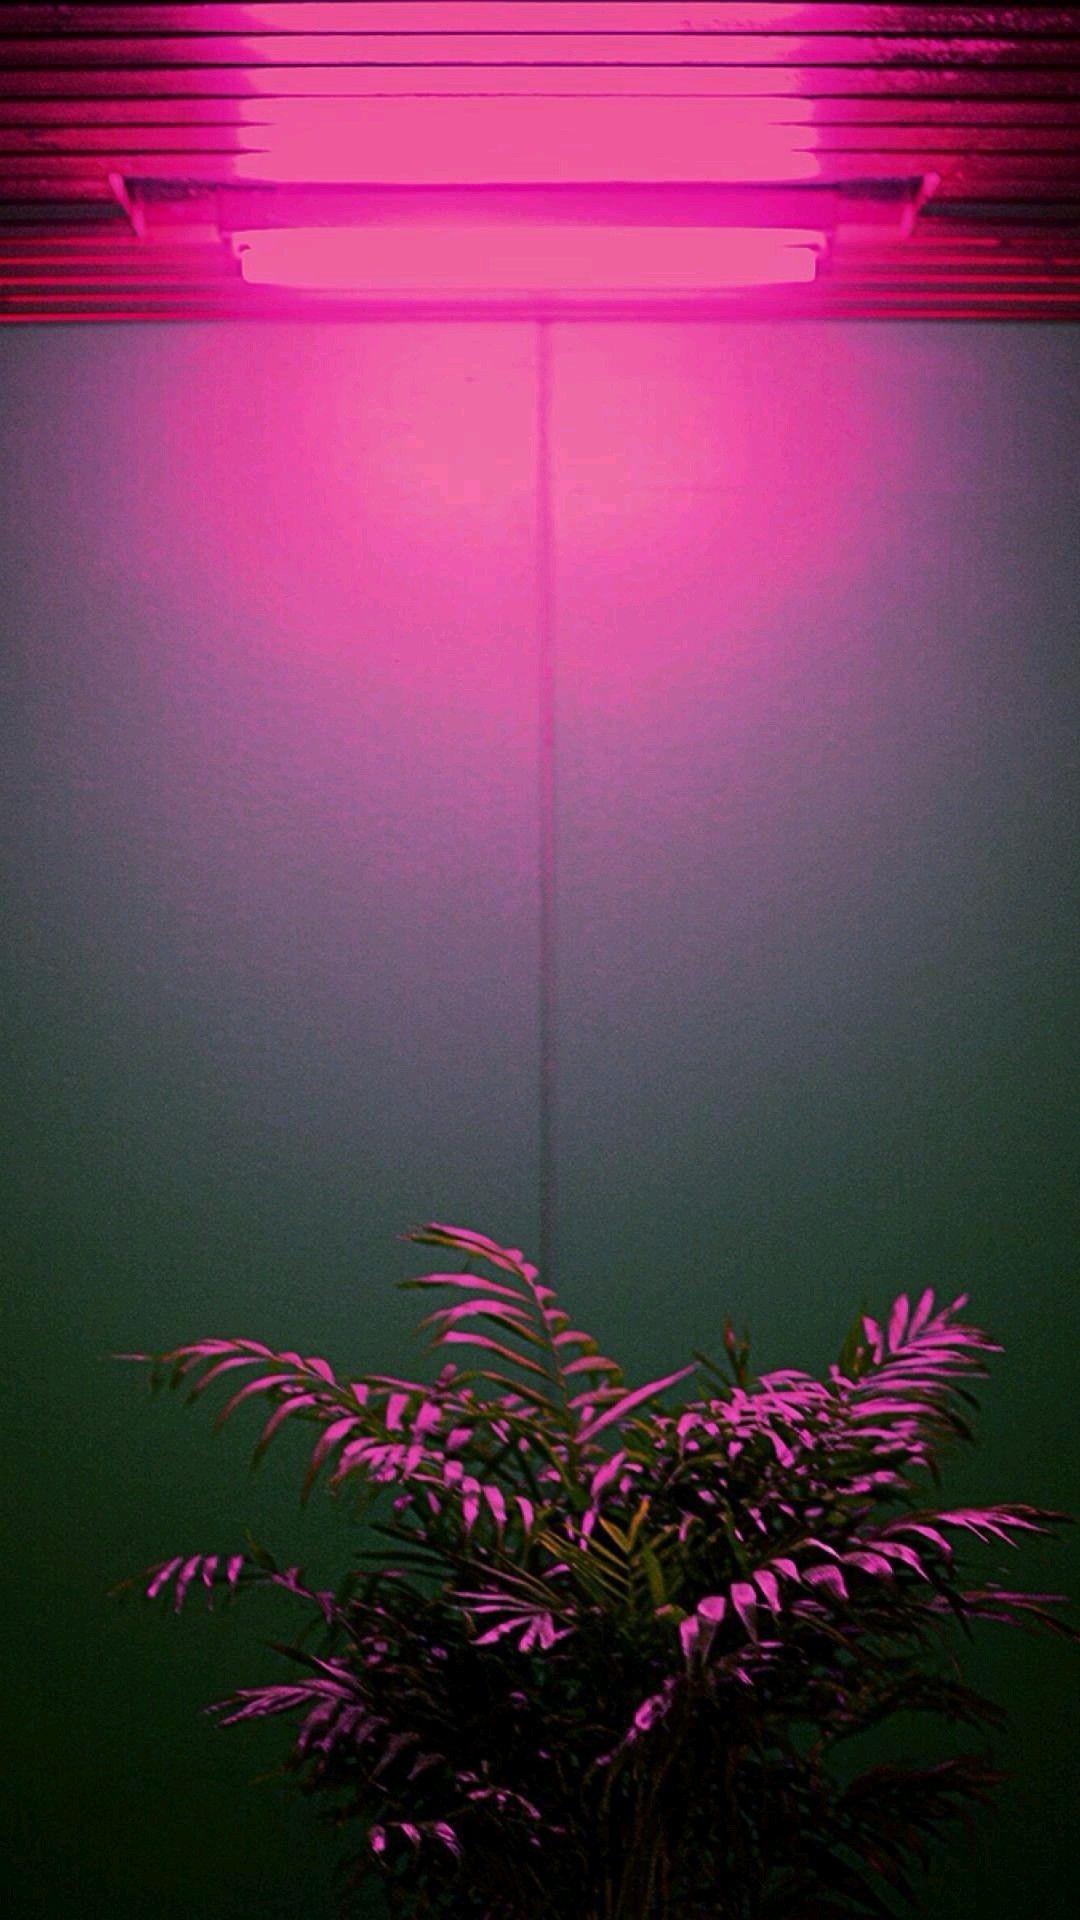 Light iPhone 5 wallpaper